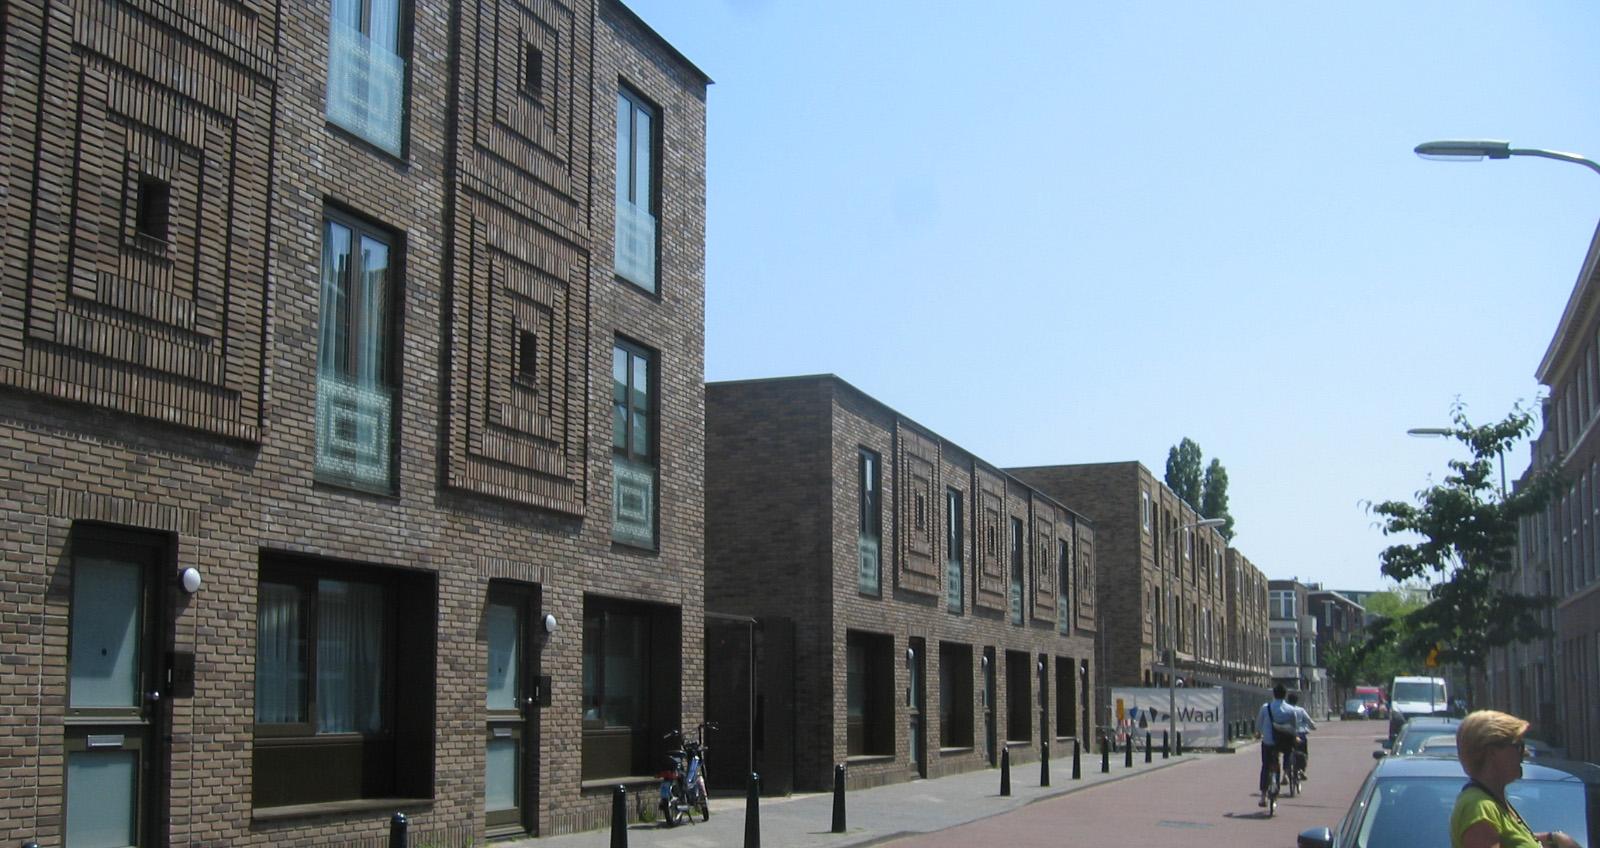 Nieuwbouw 58 woningen aan de maasstraat in den haag for Nieuwbouw den haag